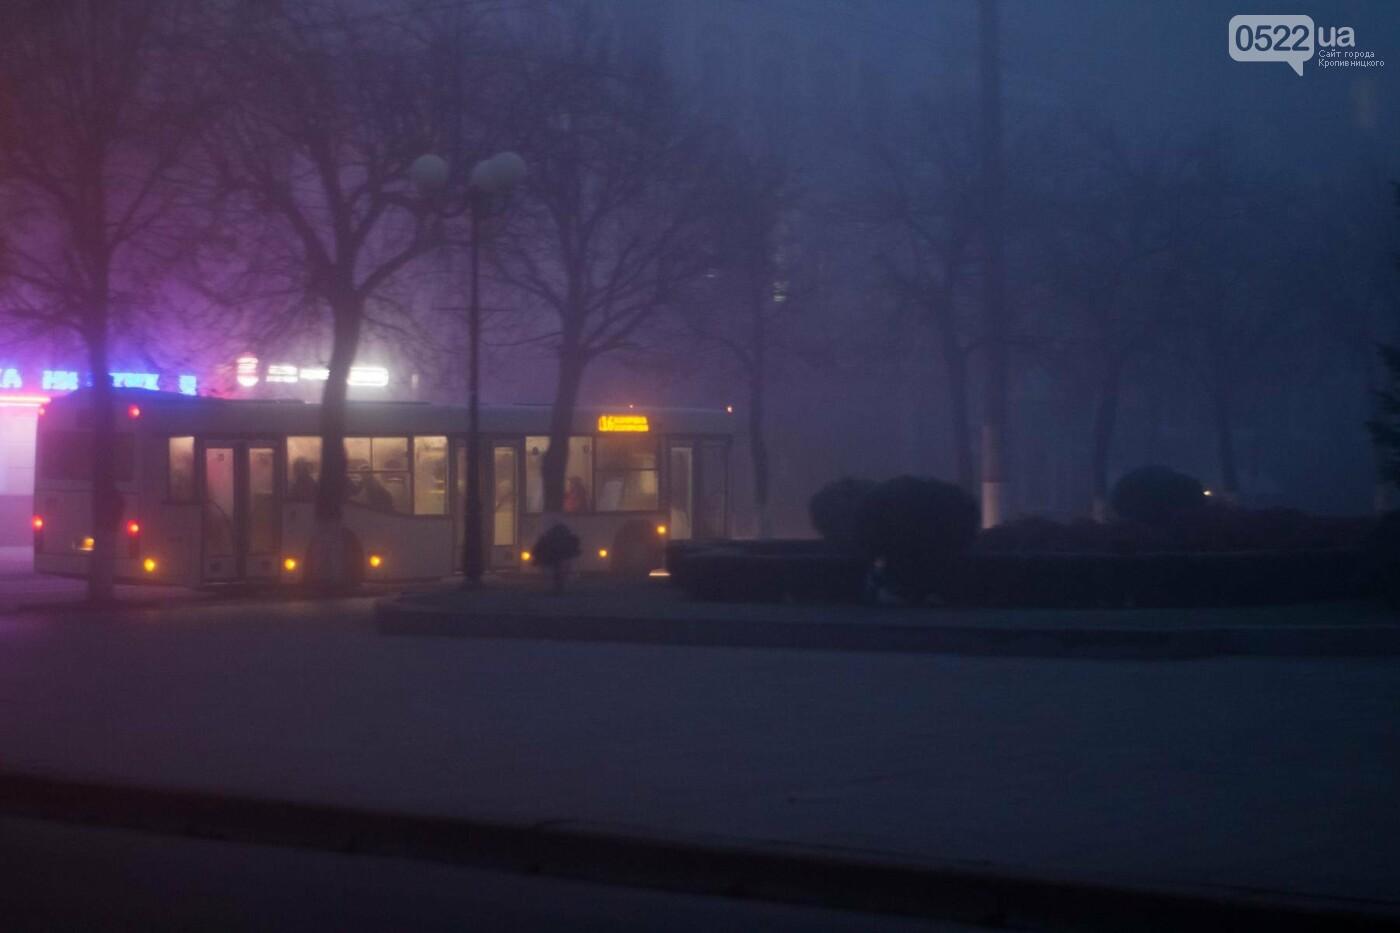 Зранку Кропивницький оповив густий туман. Фото, фото-4